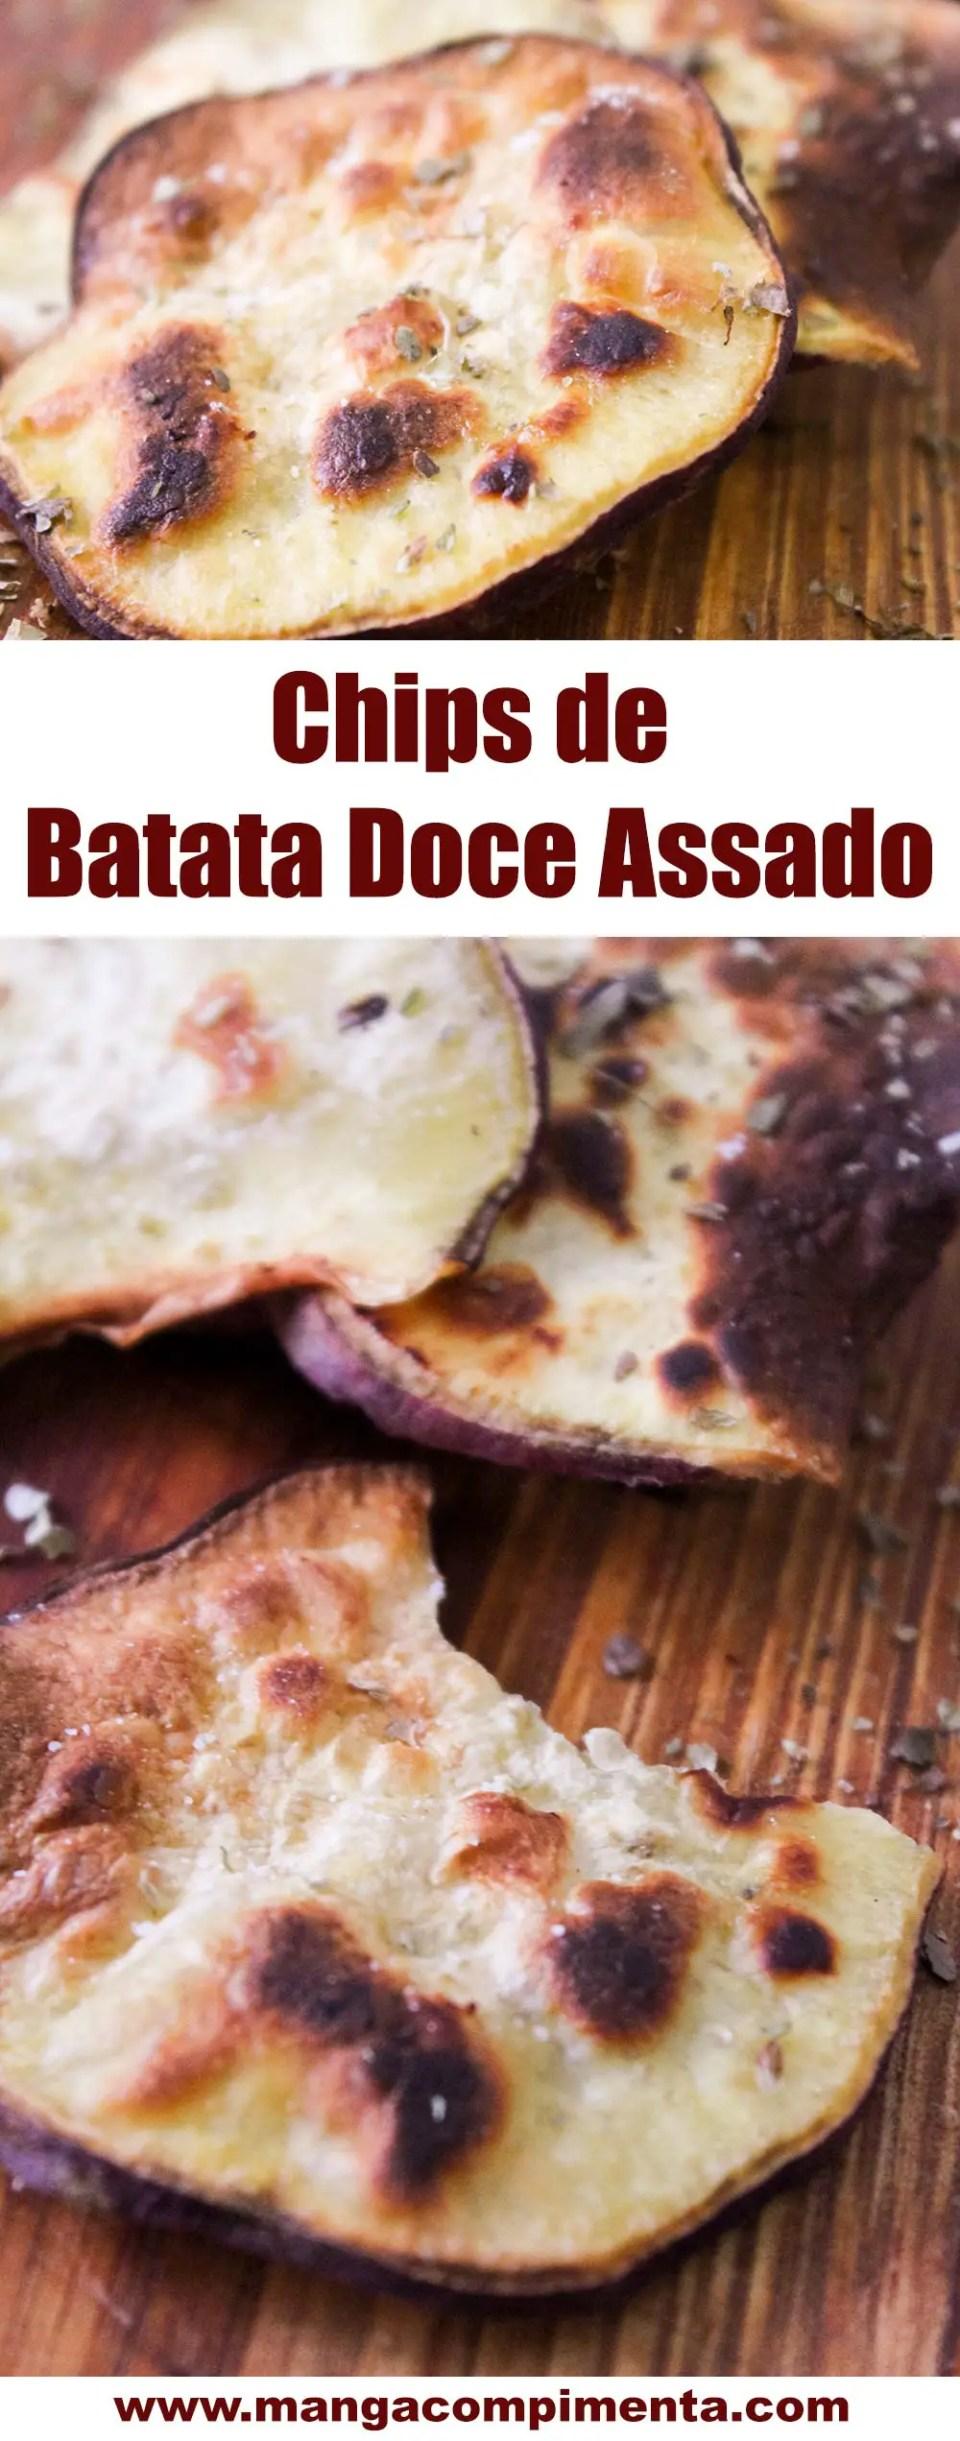 Chips de Batata Doce Assado | Aprenda a fazer esse petisco saudável em casa!